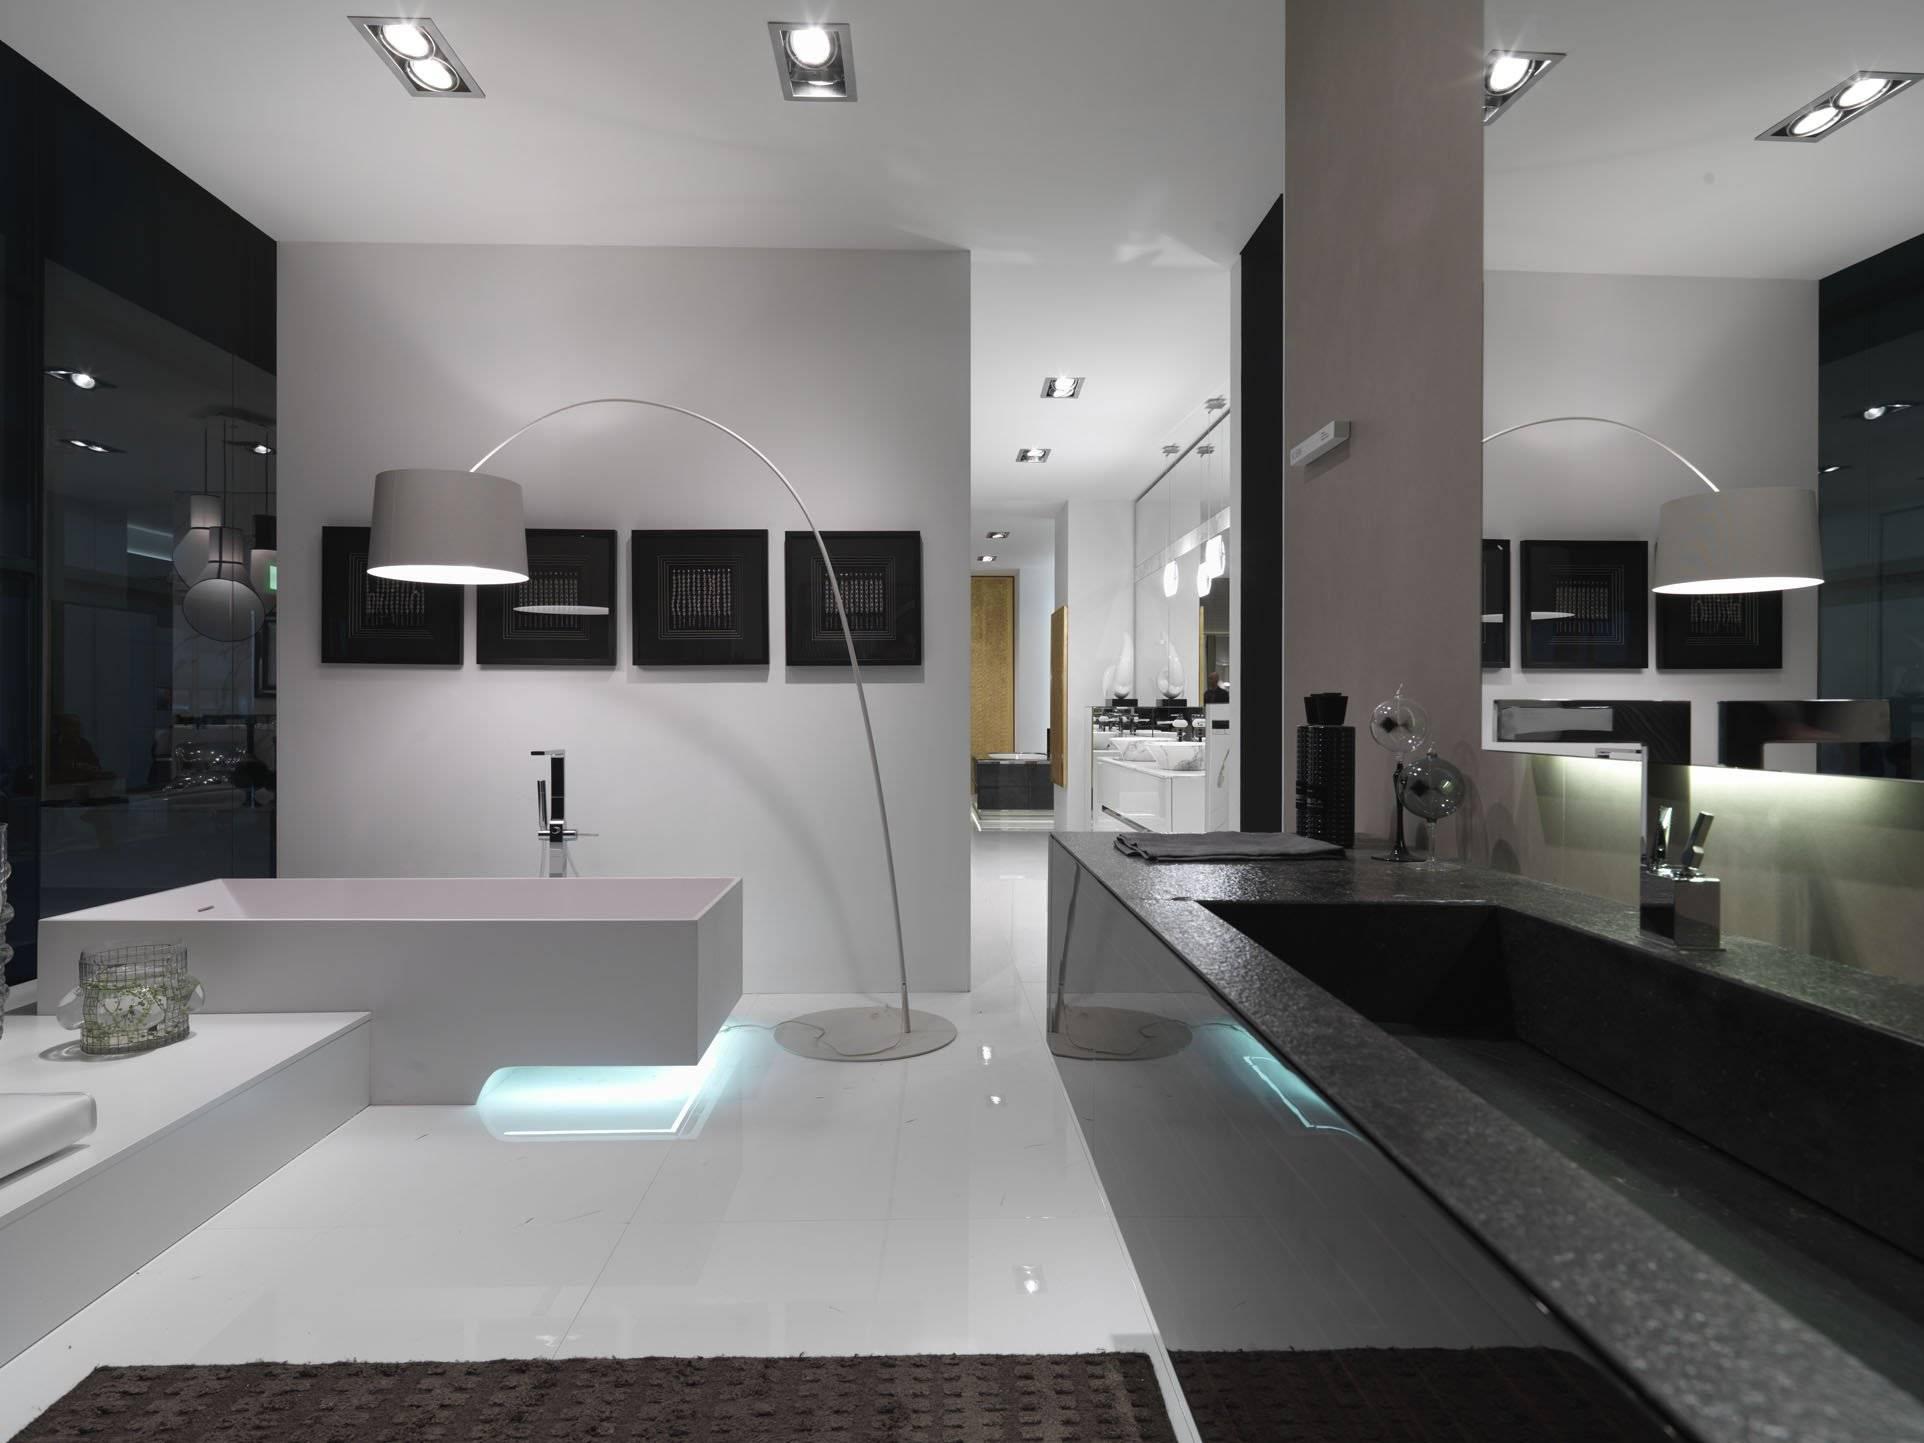 Ванная в стиле минимализм: особенности планировки и выбор деталей - 29 фото